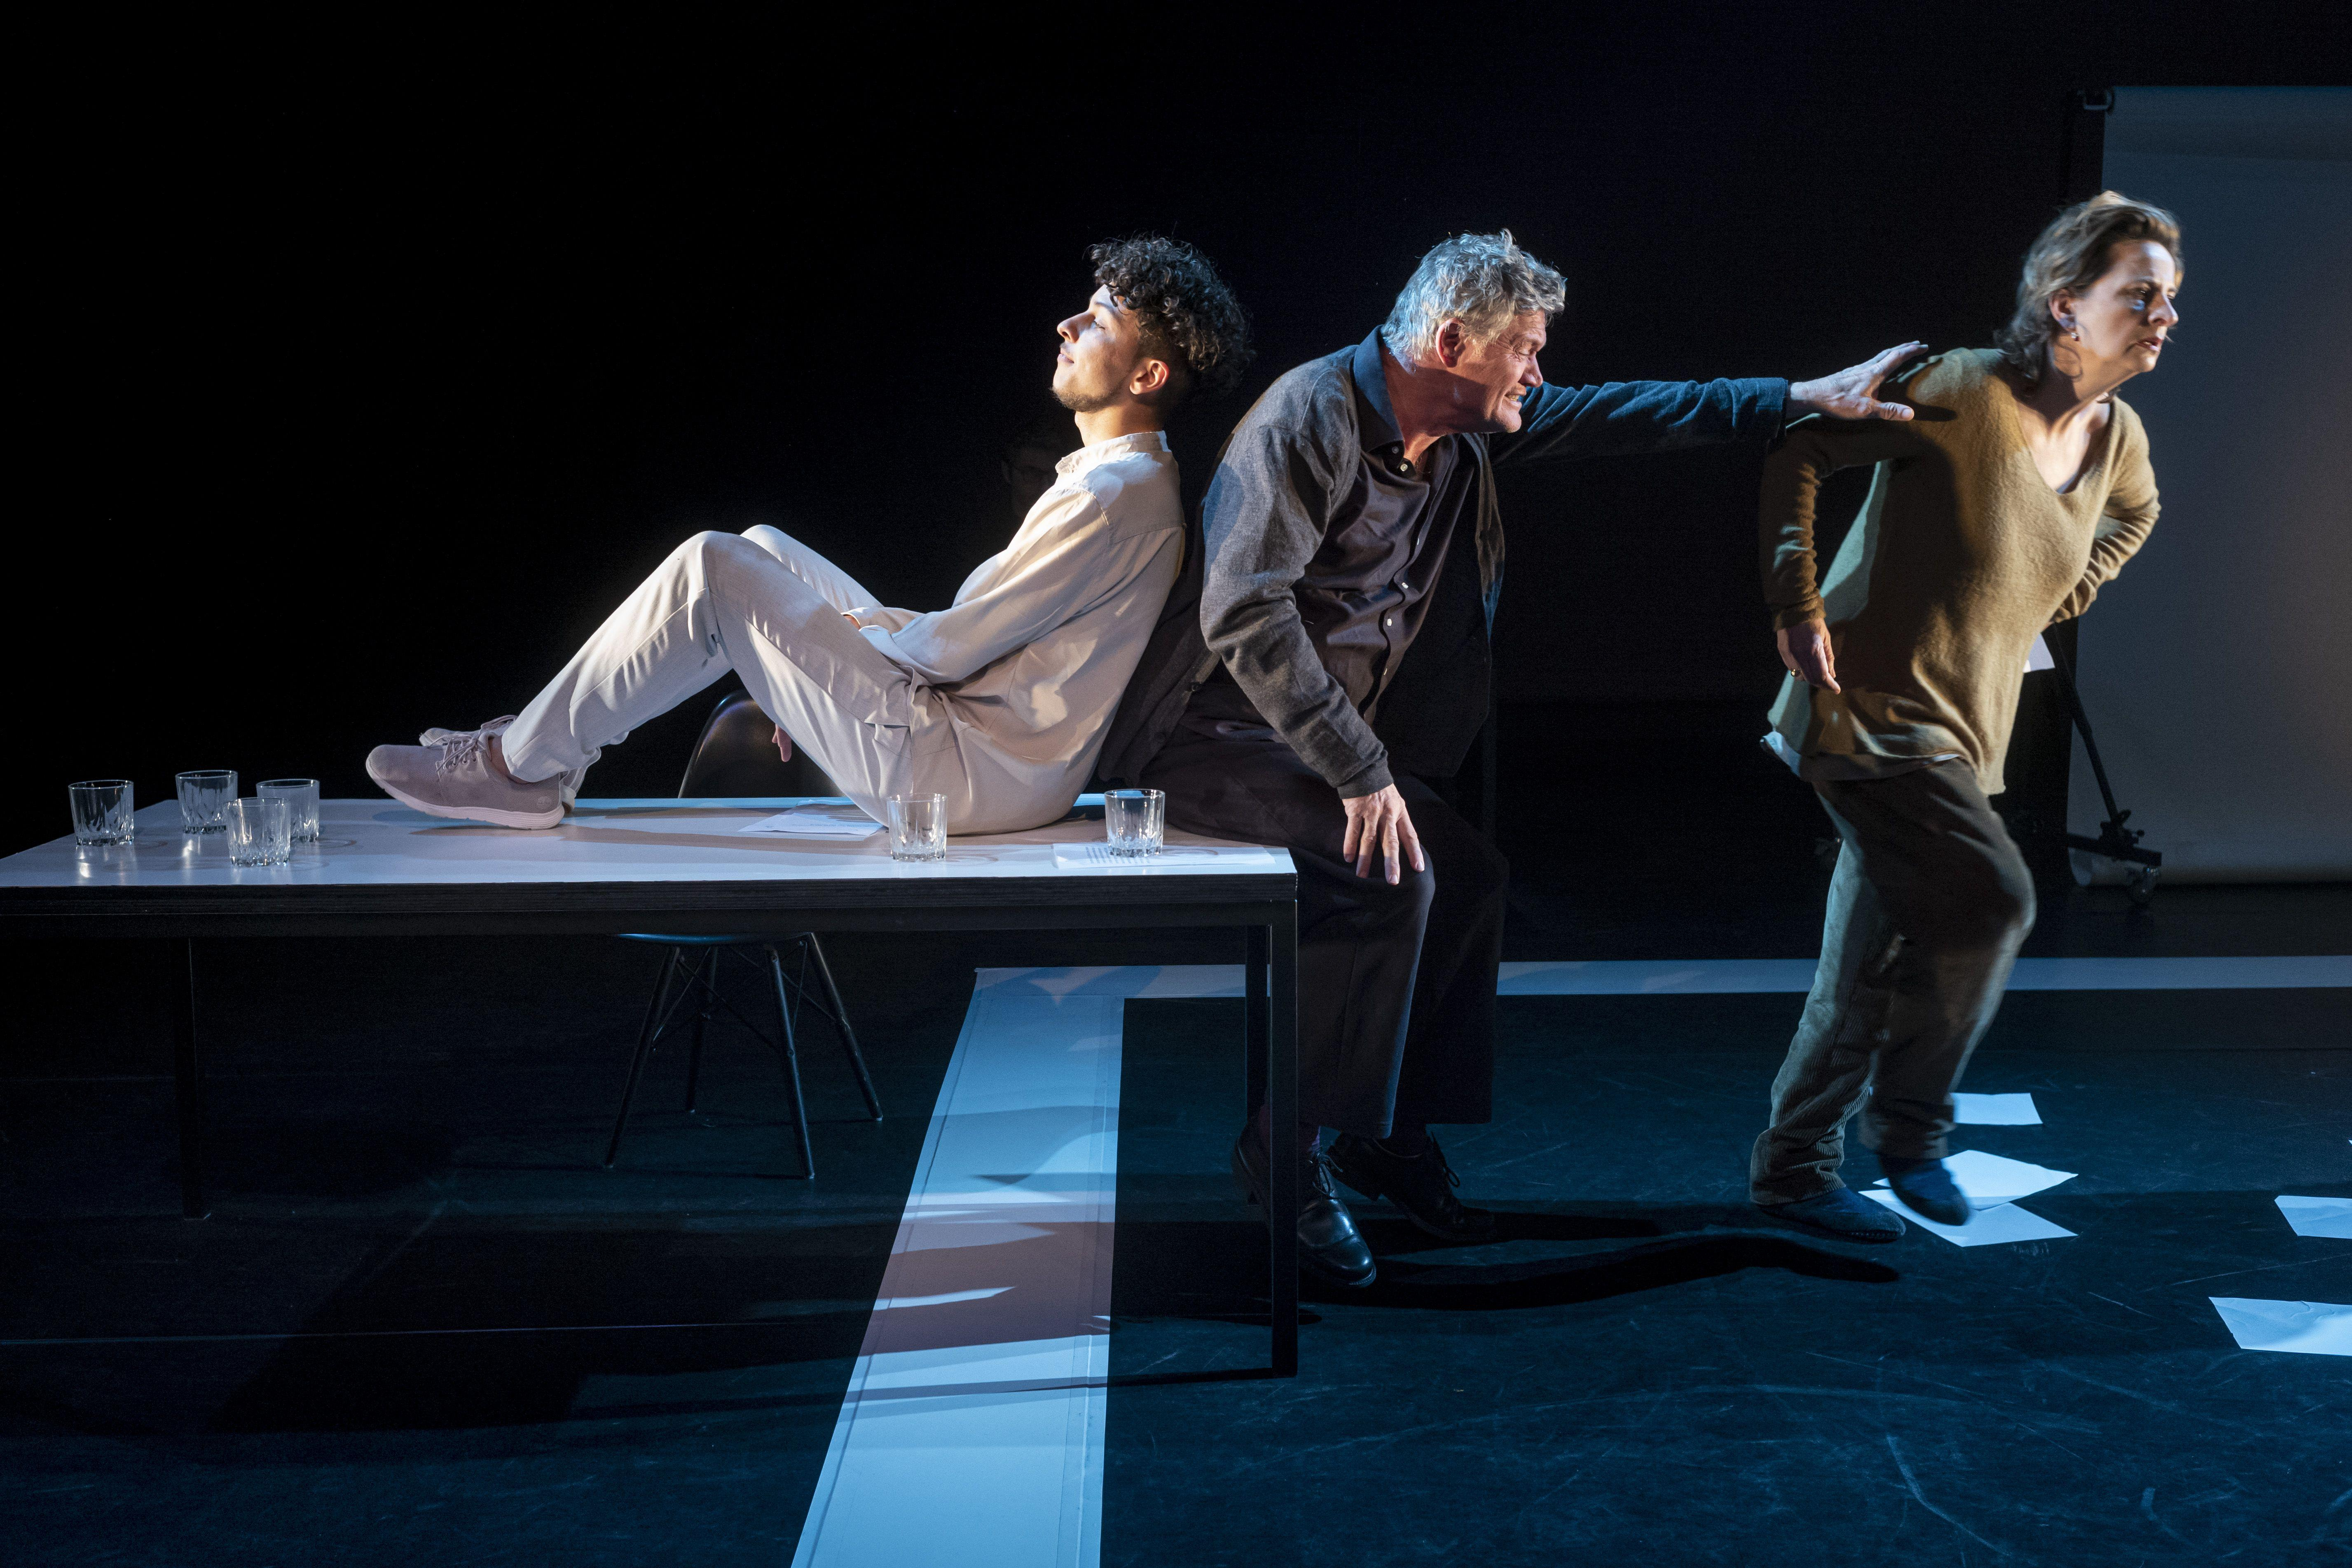 Bestseller 'Tonio' bewerkt voor theater en in première in de Leidse Schouwburg